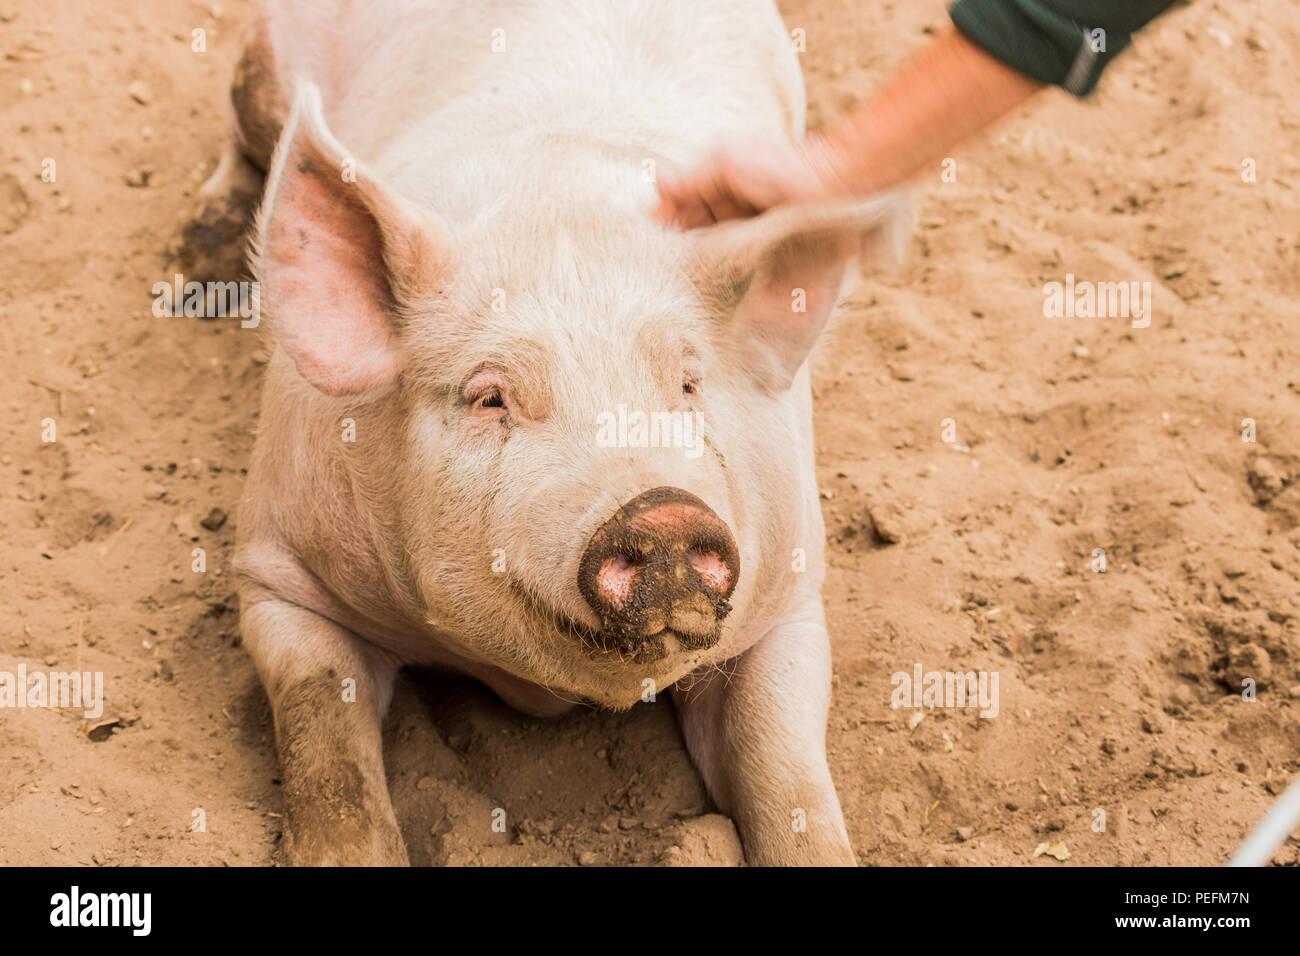 Nahaufnahme Kopf geschossen von süße Lächeln einzigen schmutzigen Jungen heimischen Rosa glückliche Schweine mit Schlammigen Gesicht, große Ohren, gut gepflegt und gesund Stockbild